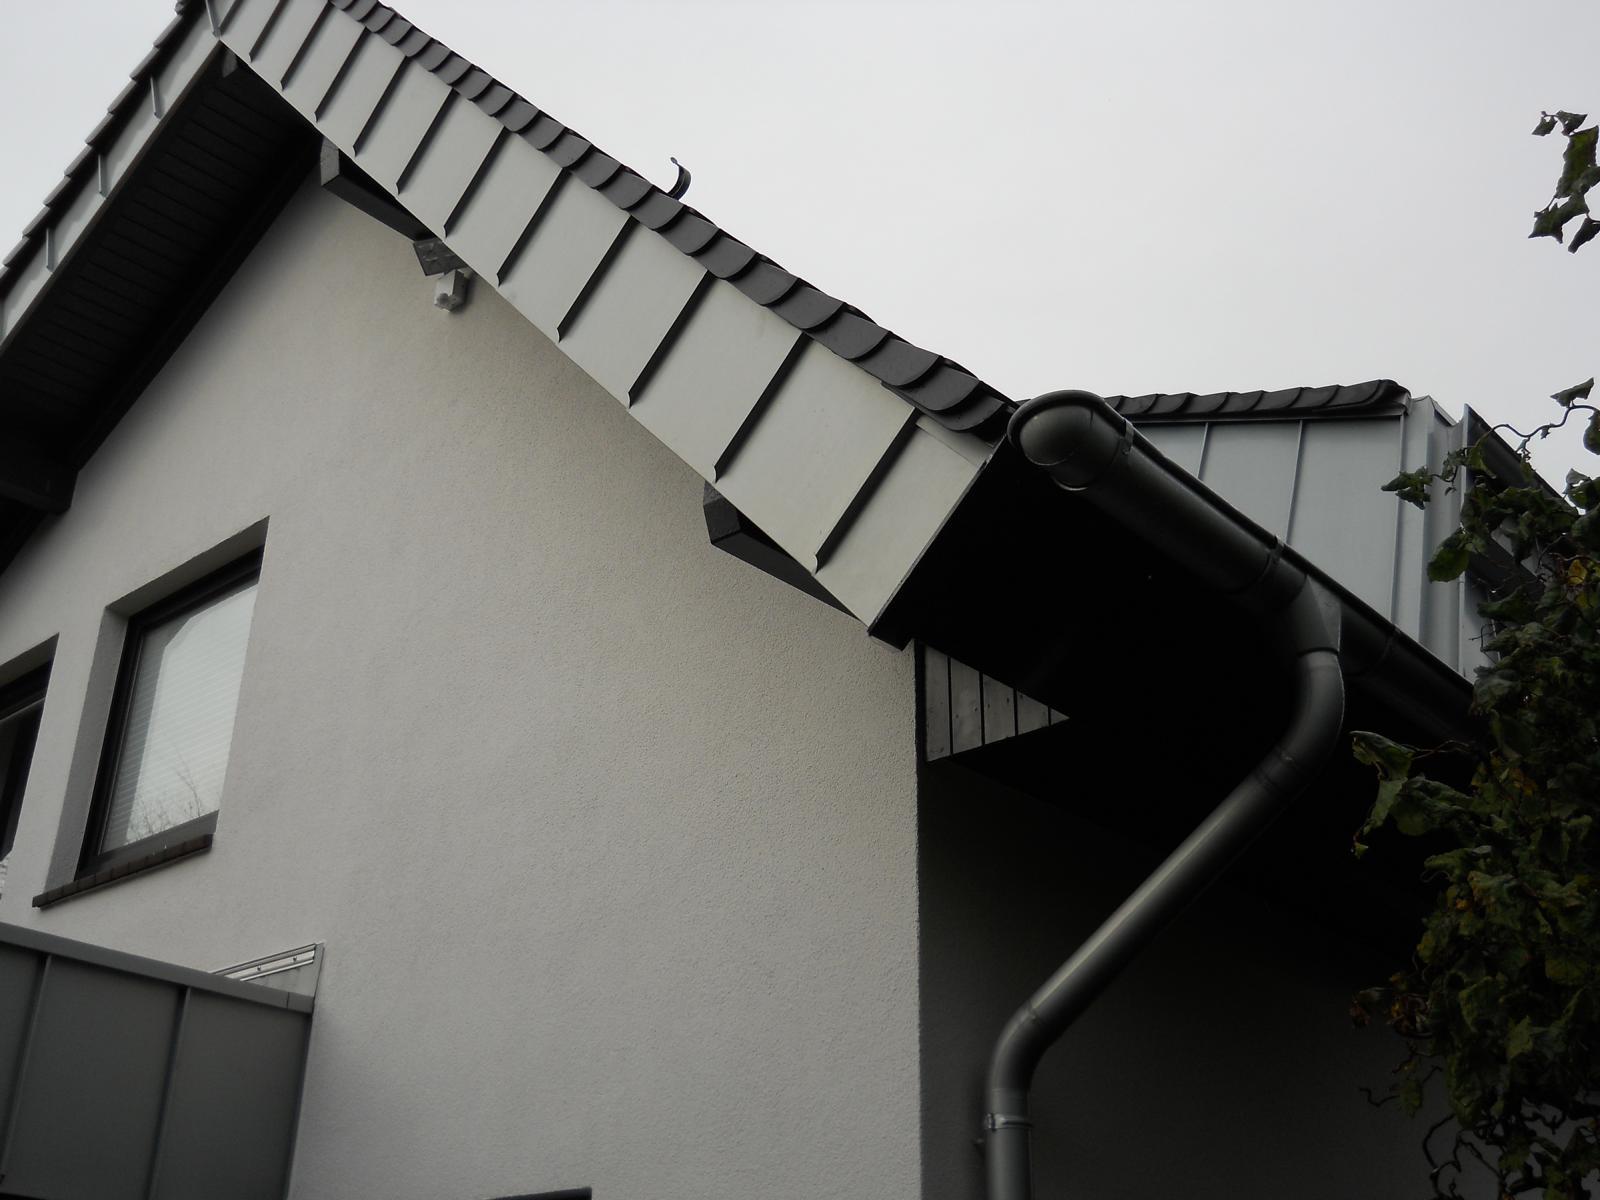 stehfalz, blechdach, metalldach, stehfalzoptik, dachdeckerei deckert, dachdecker bochum, peter decke